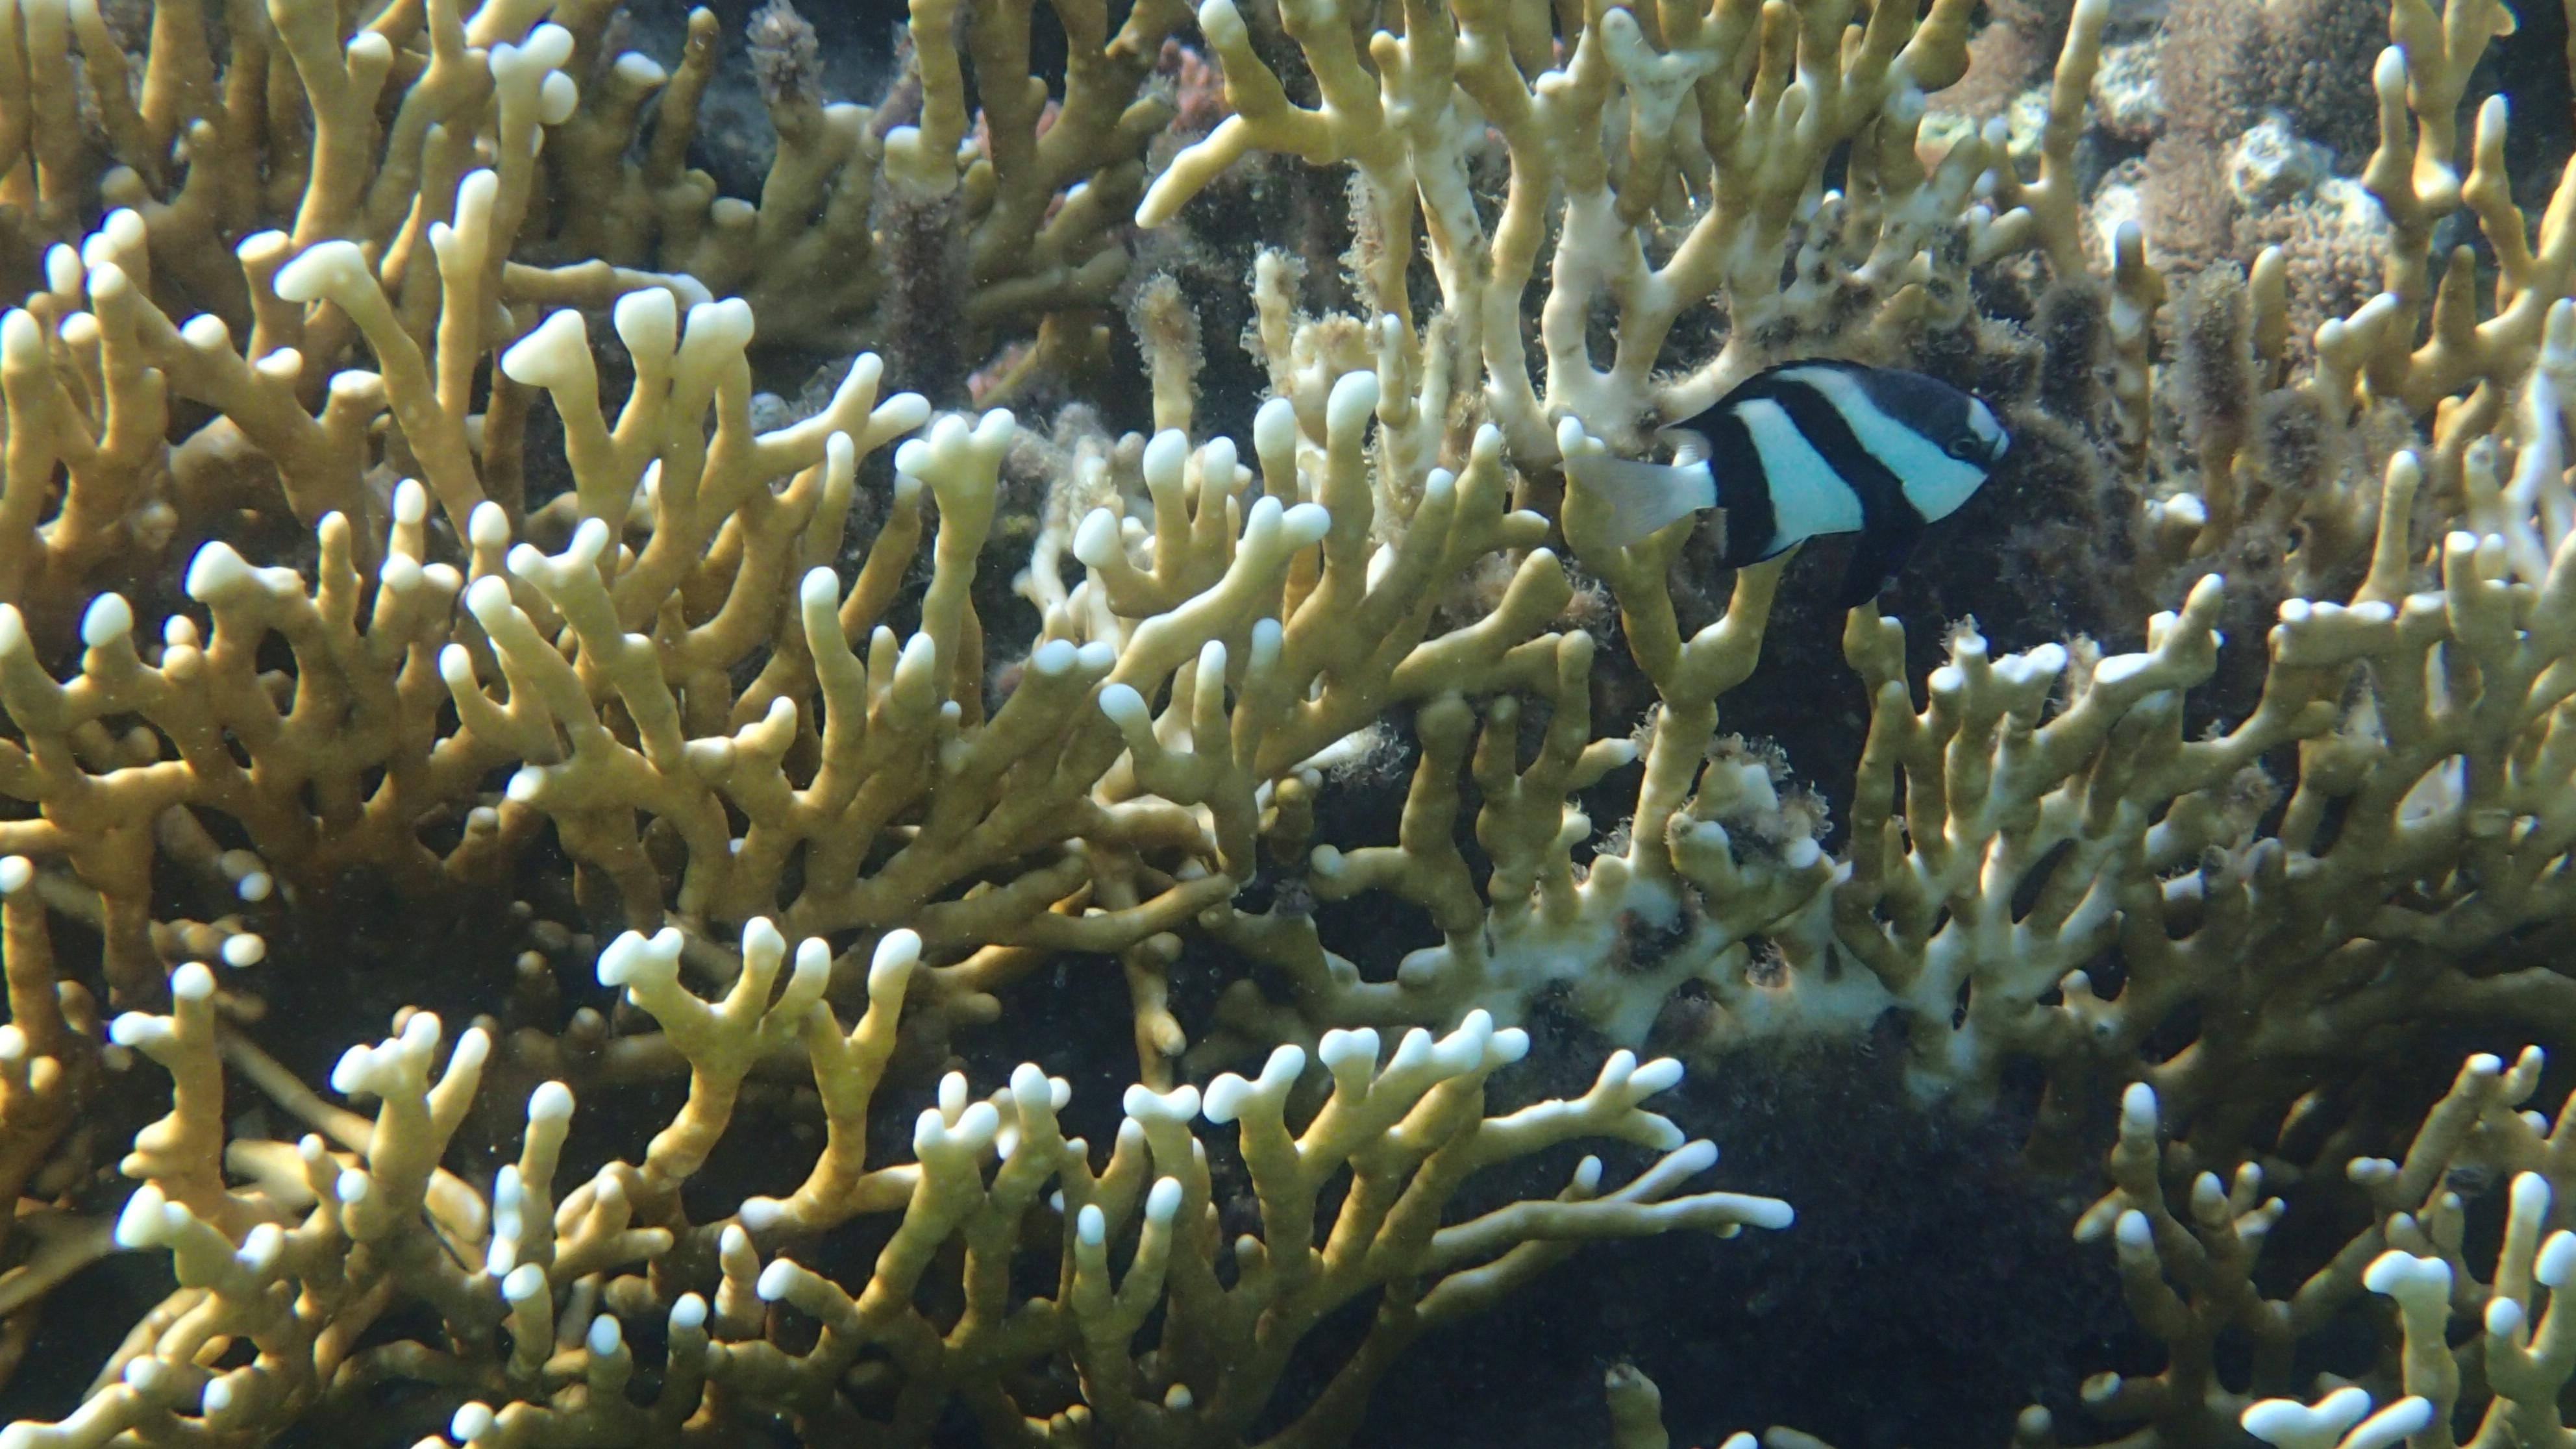 Дасцилл-зебра белохвостая (лат.Dascyllus aruanus) на фоне сетчатого огненного коралла